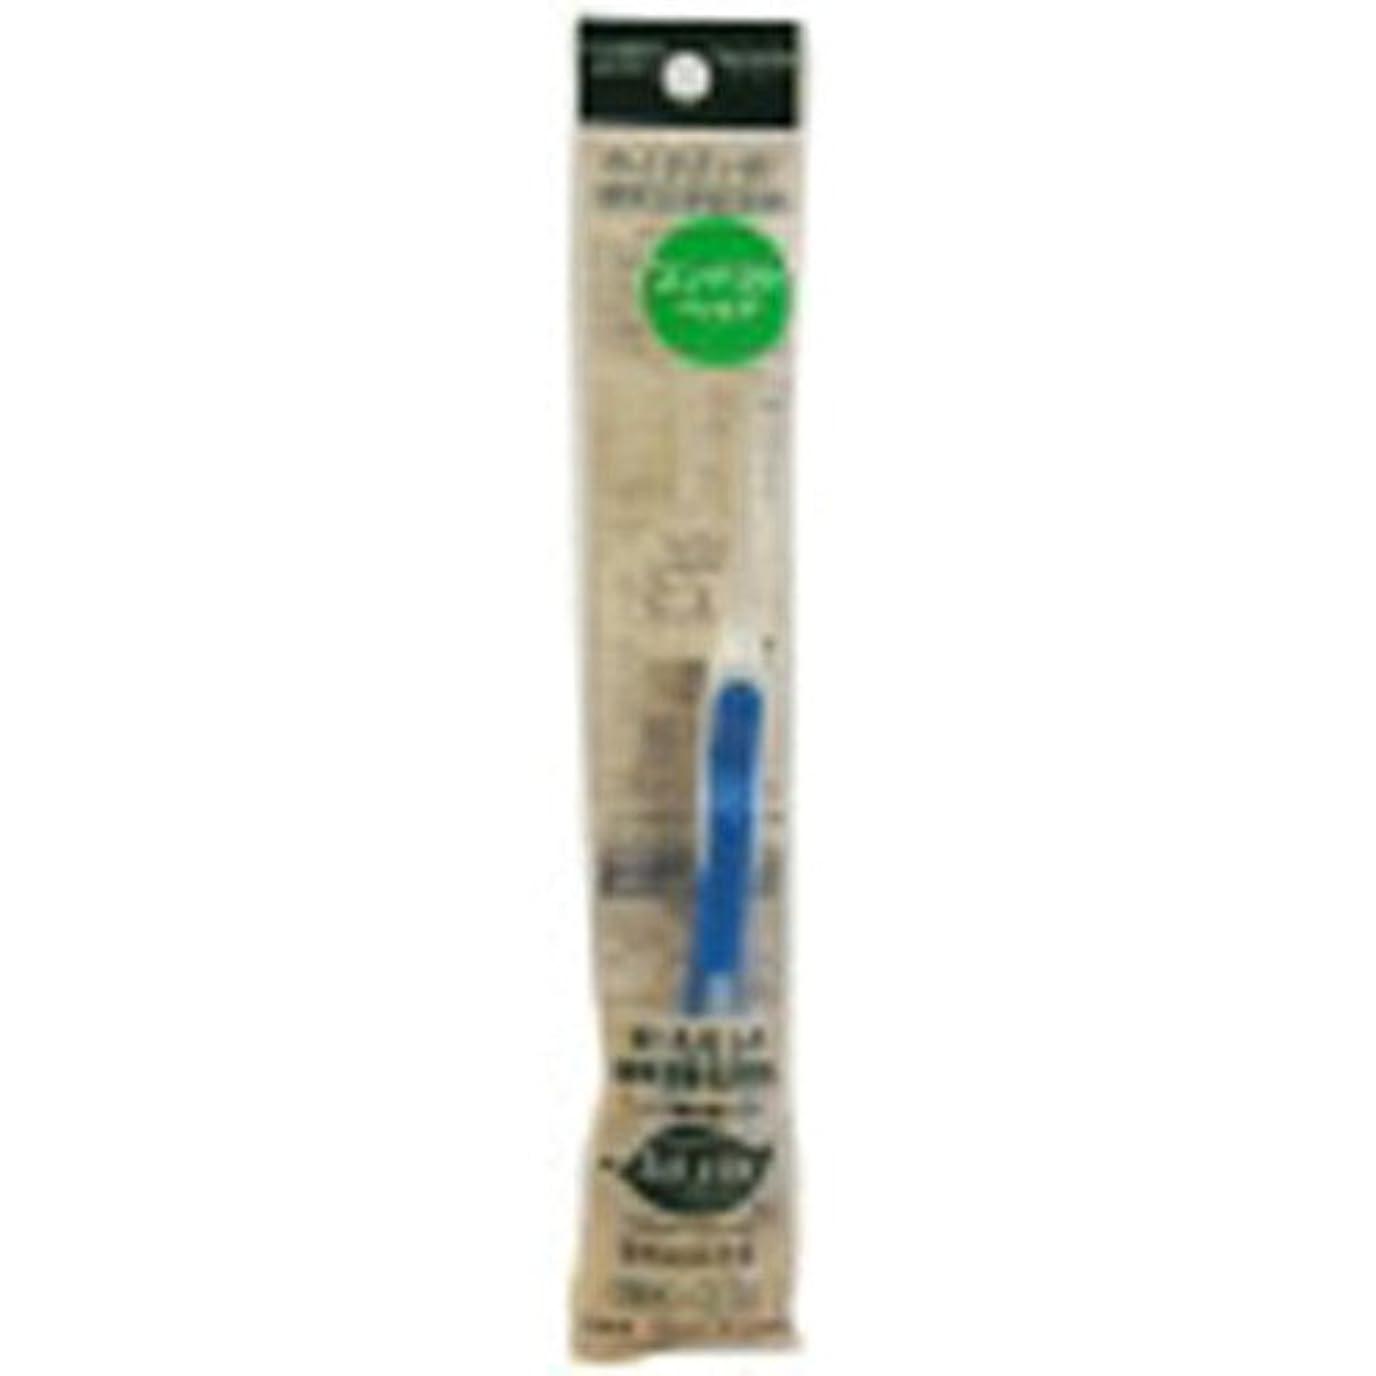 大陸詳細な余計なサレド ヘッド交換式歯ブラシ お試しセット コンパクトヘッド ブルー